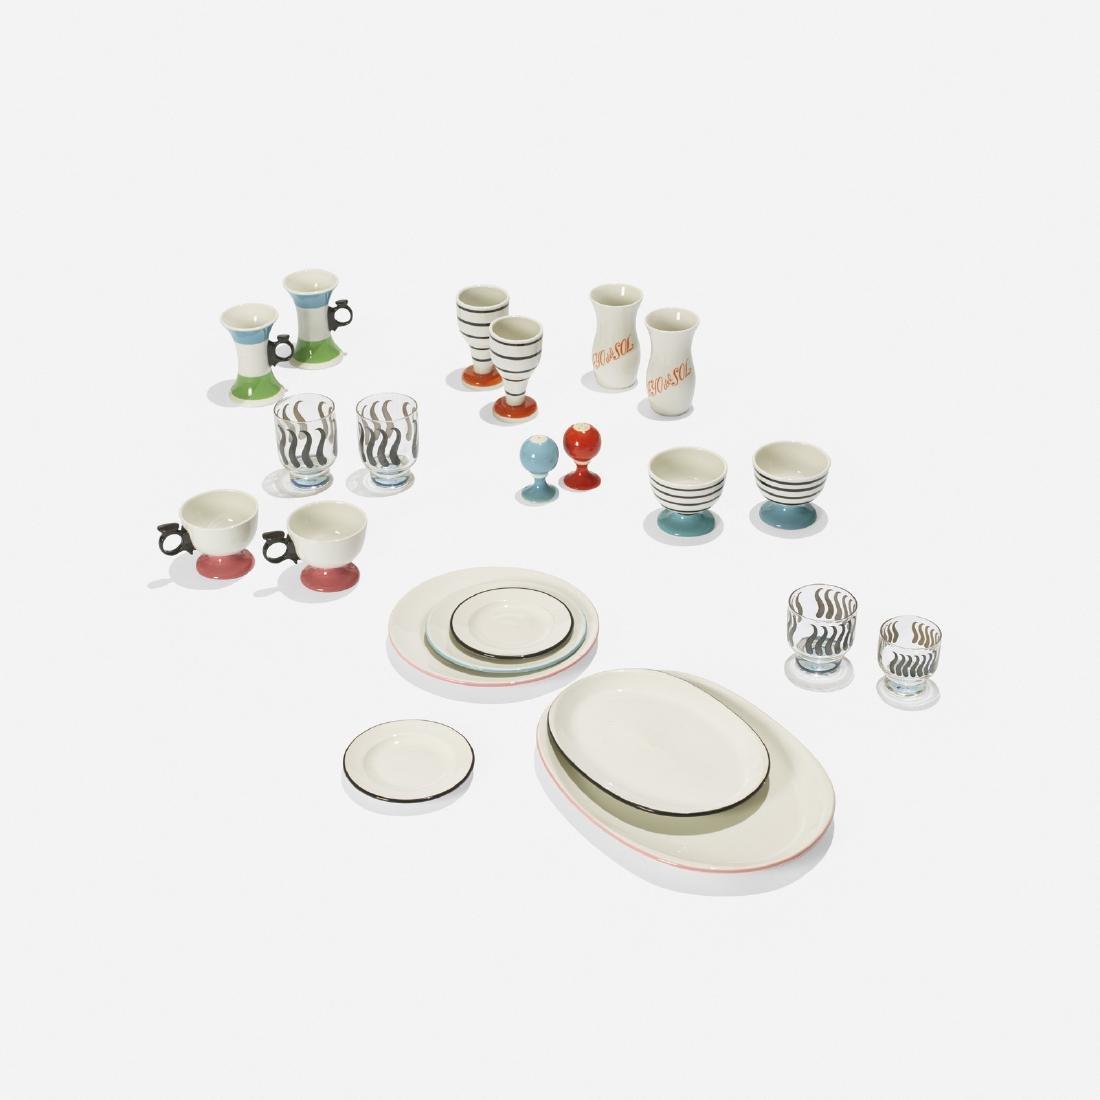 Girard, collection of tableware, La Fonda del Sol